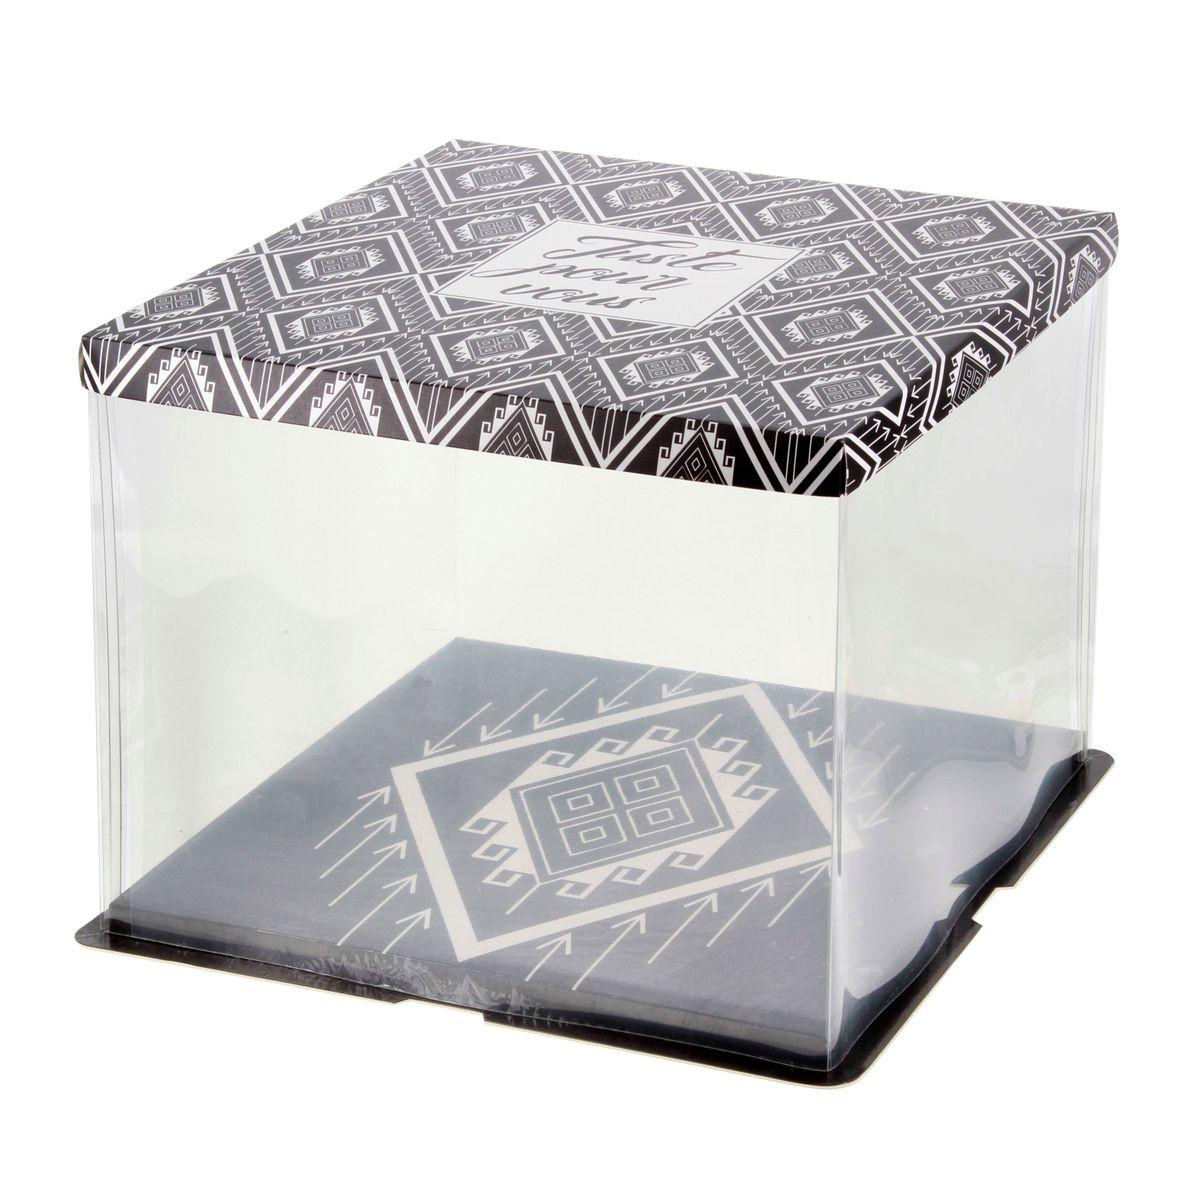 Boîte à gâteaux vitrine 36 x 36 x 28 cm - Patisdecor